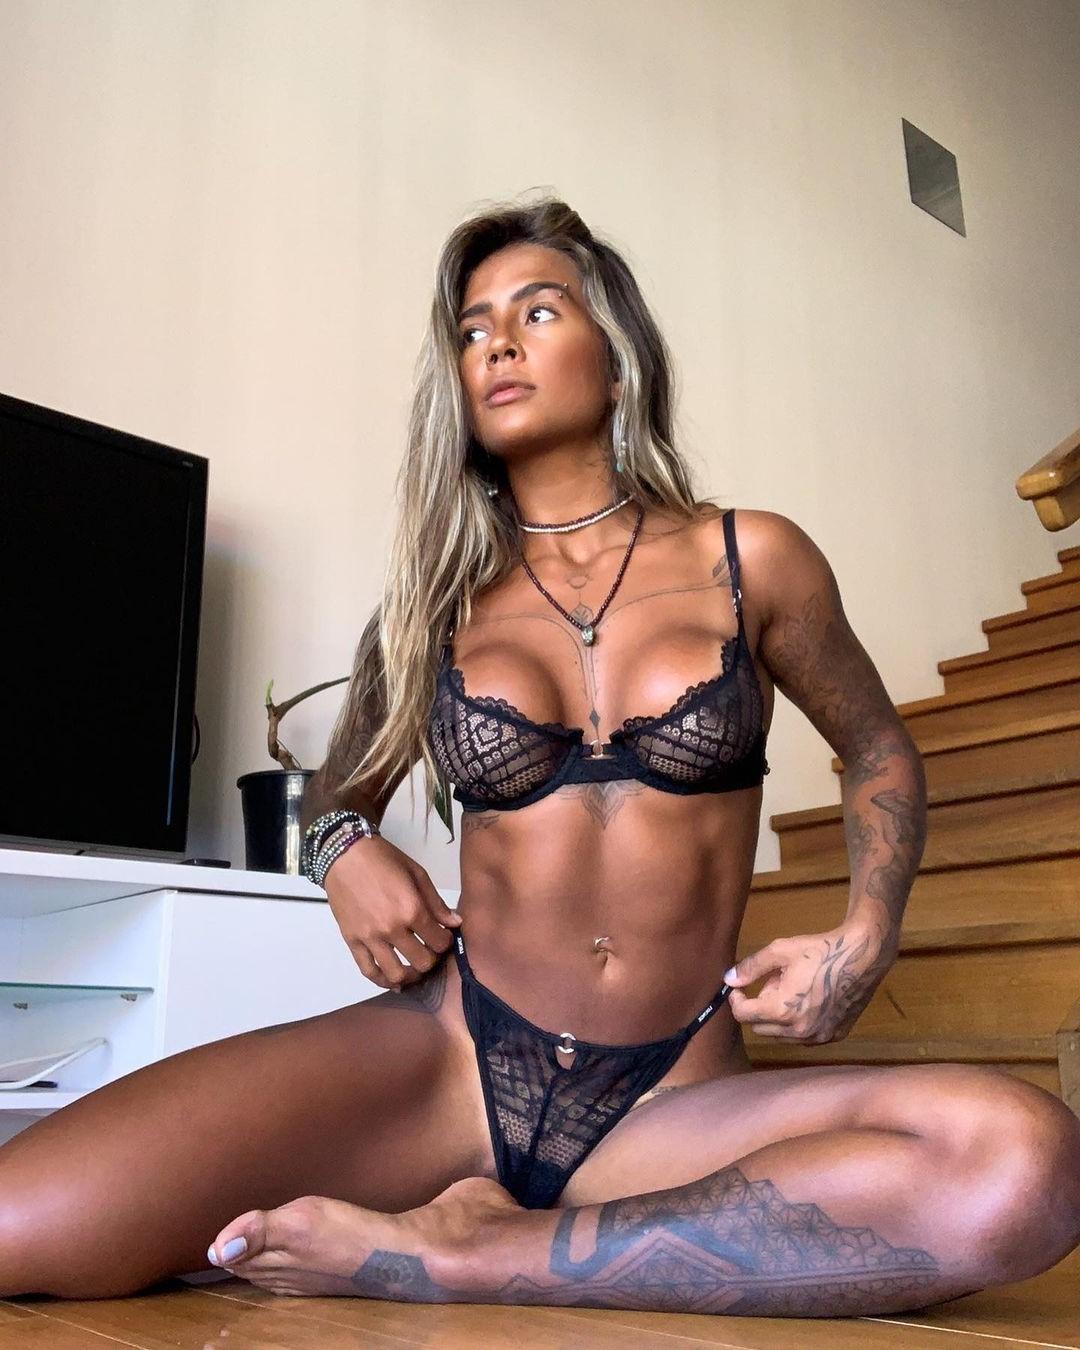 Antonia, 36 photo1